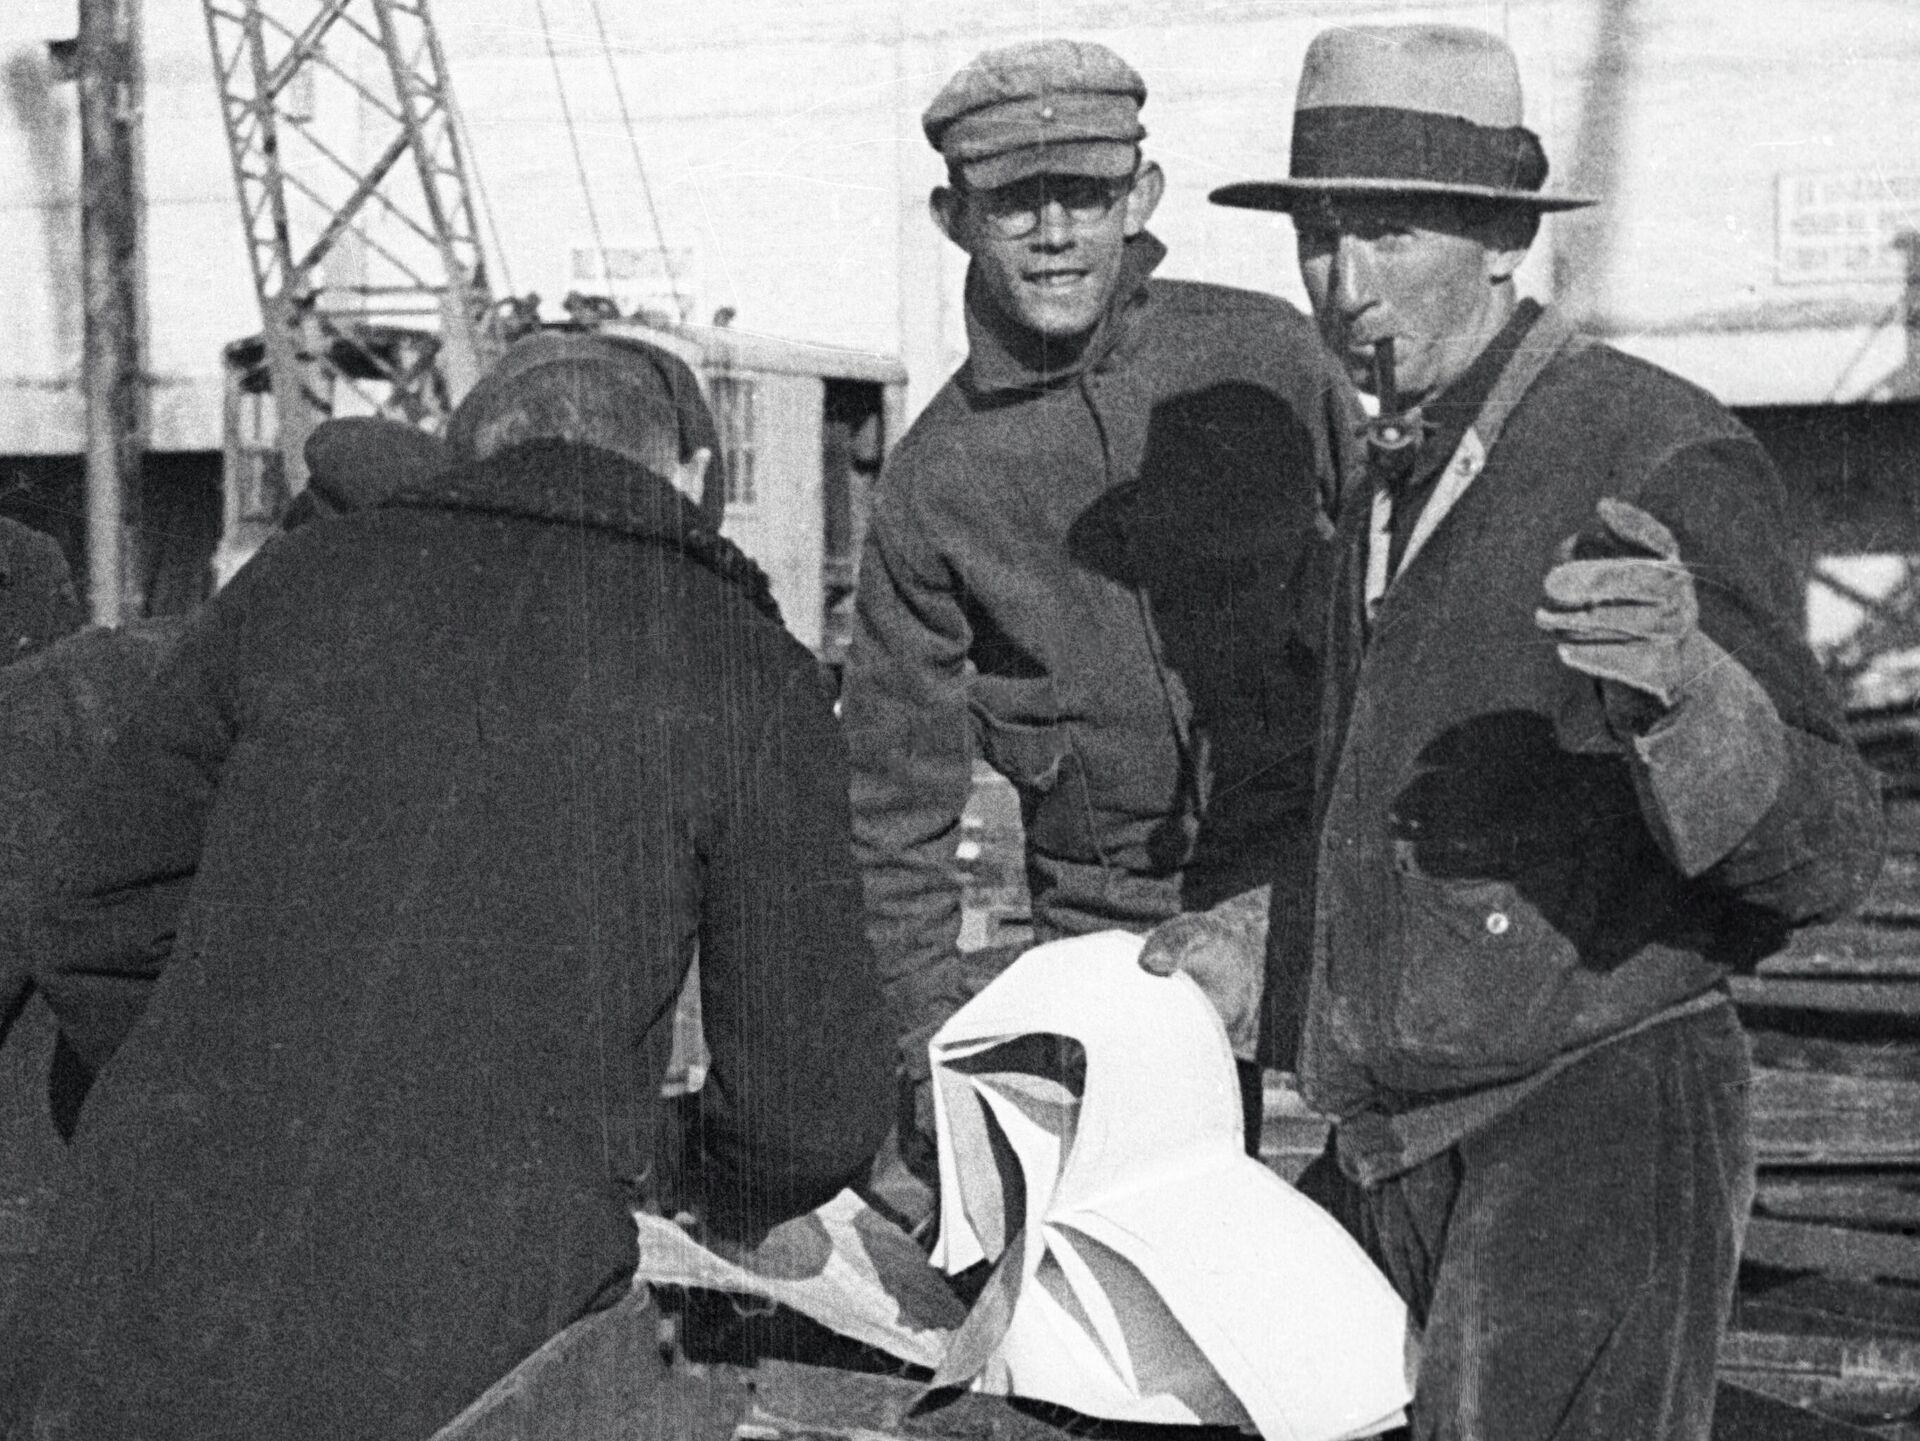 Иностранные специалисты консультируют советских инженеров - РИА Новости, 1920, 21.12.2020